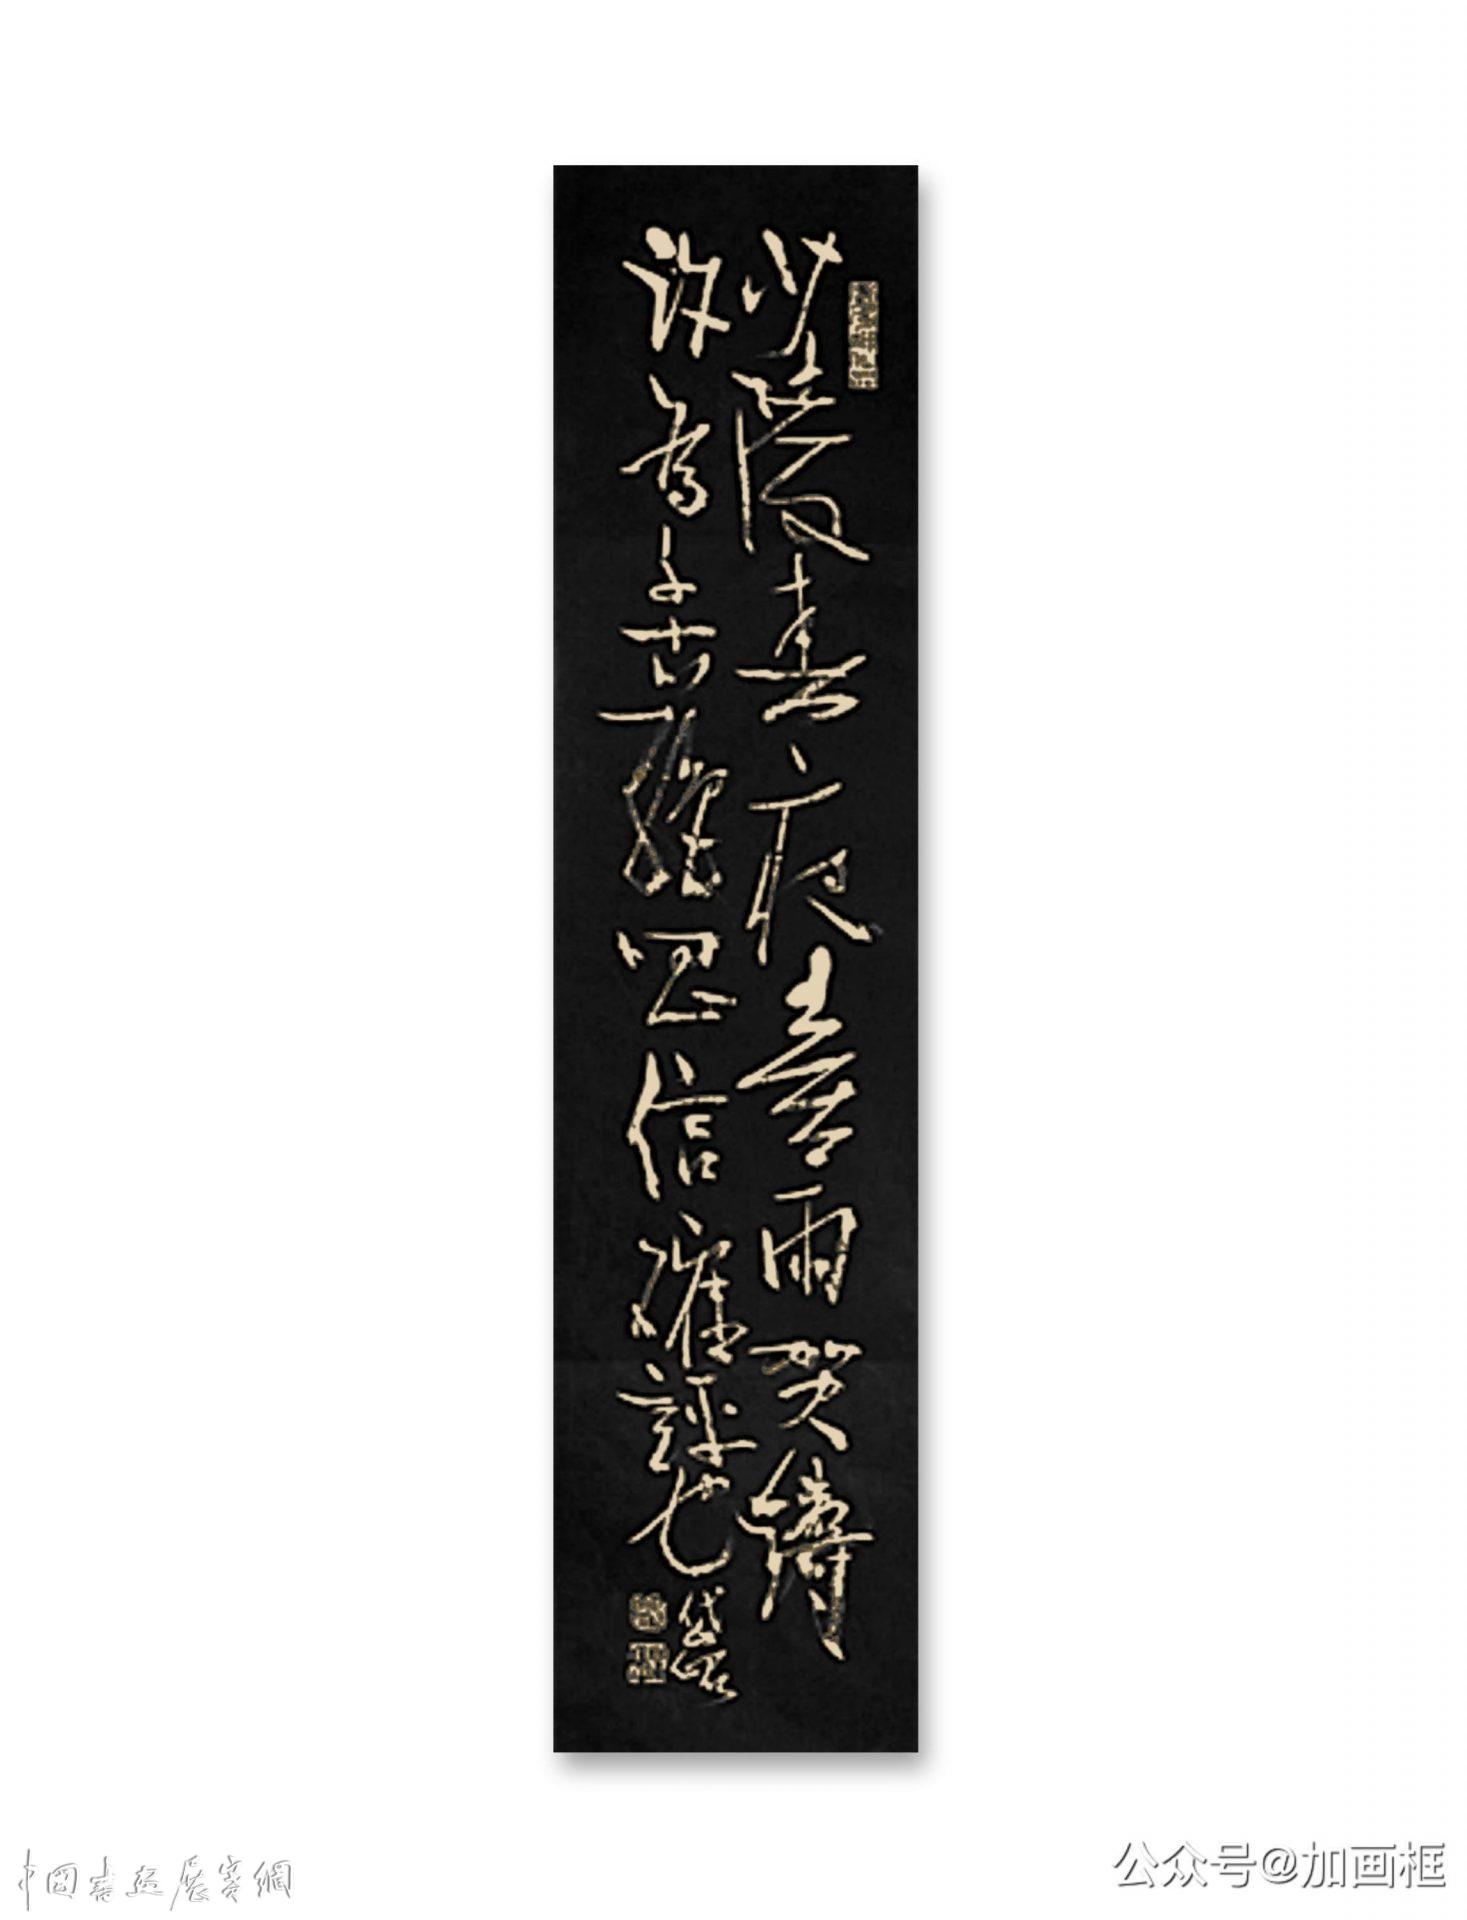 邓代昆篆刻艺术系列之(八)成都杜甫草堂收藏的三方邓代昆刻印欣赏